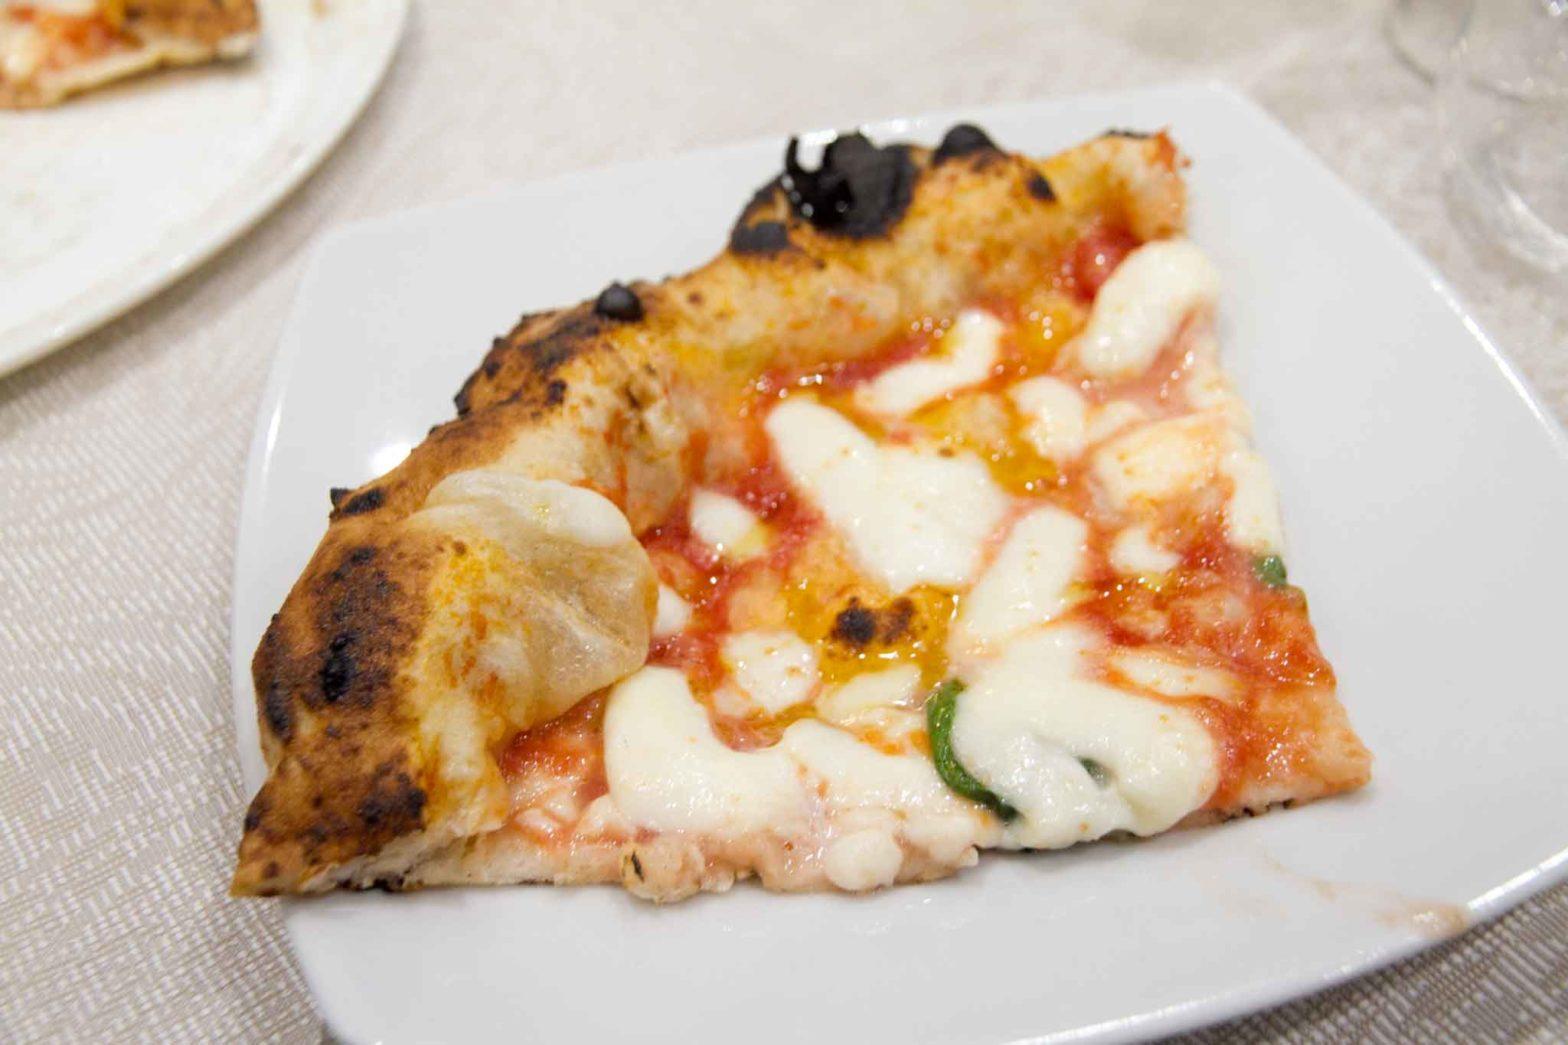 I modi migliori per riscaldare la pizza avanzata dal giorno prima